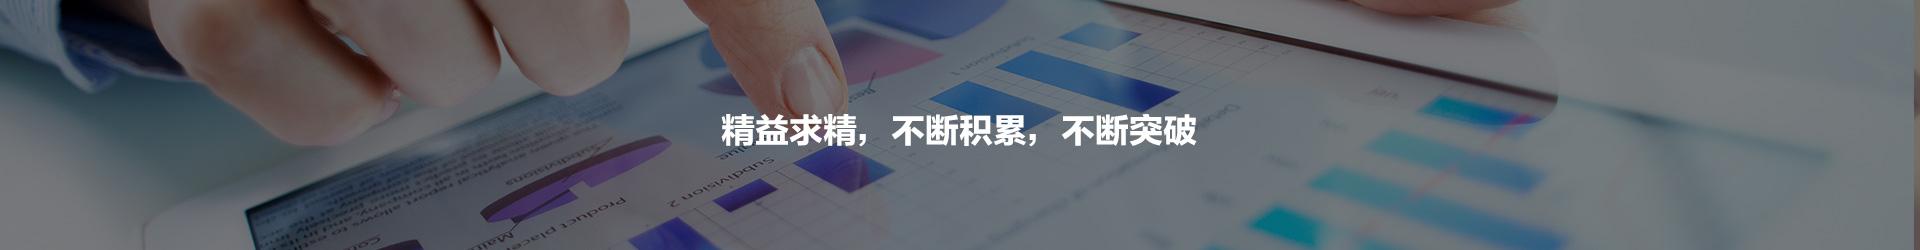 山东体育彩票_典型案例_山东普邦信息技术有限公司官方网站